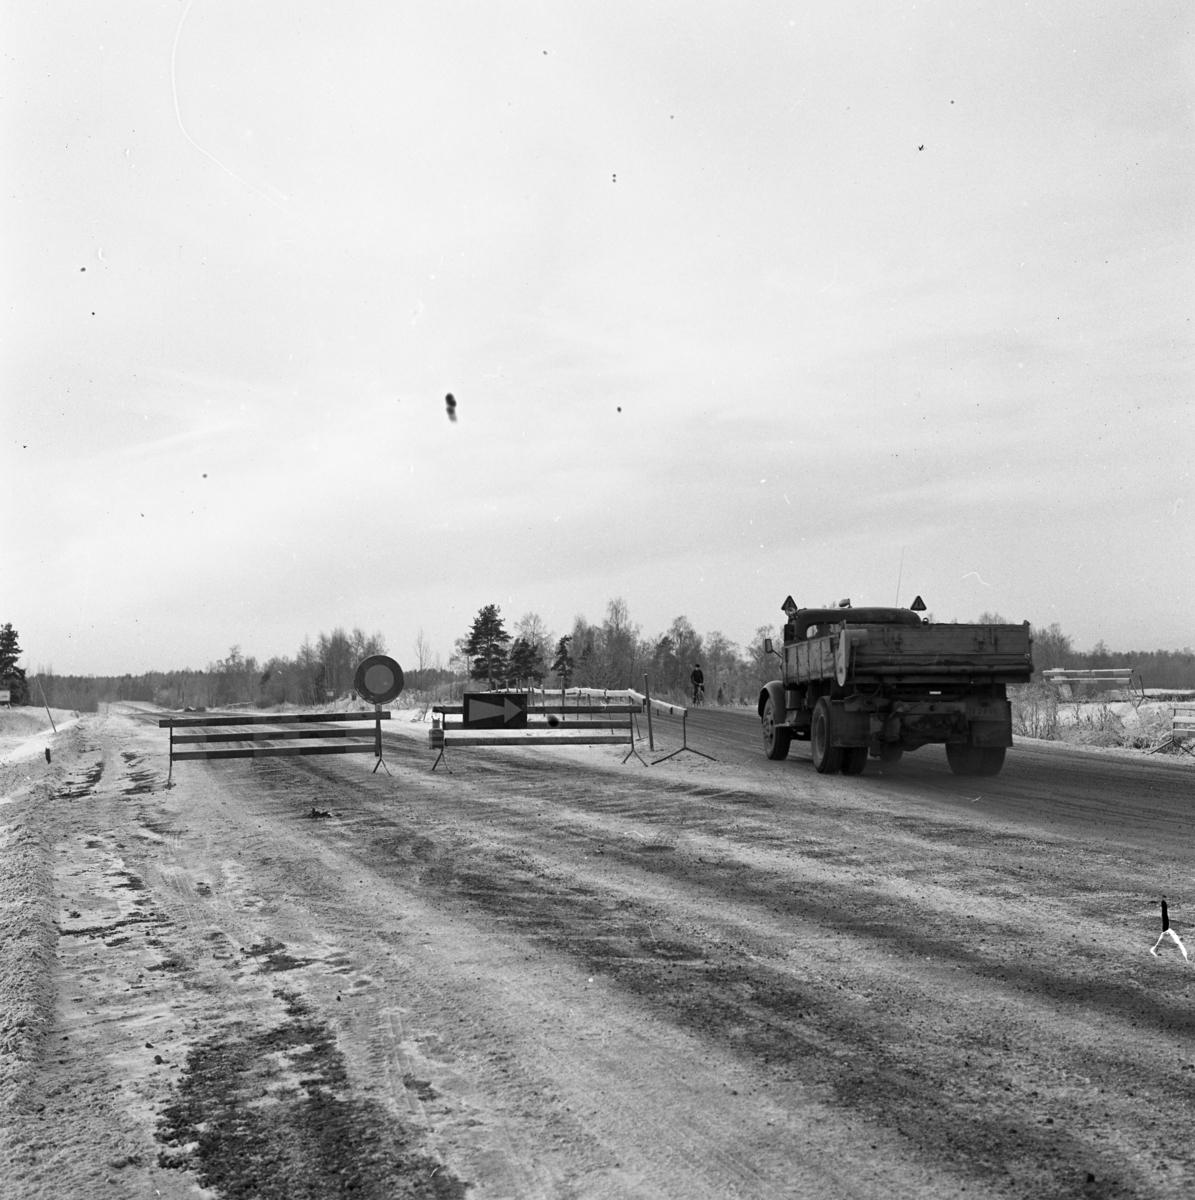 Vägarbete. Örebrovägen ska snart öppnas efter ombyggnaden. En lastbil kör och en cyklist kör på vägen.